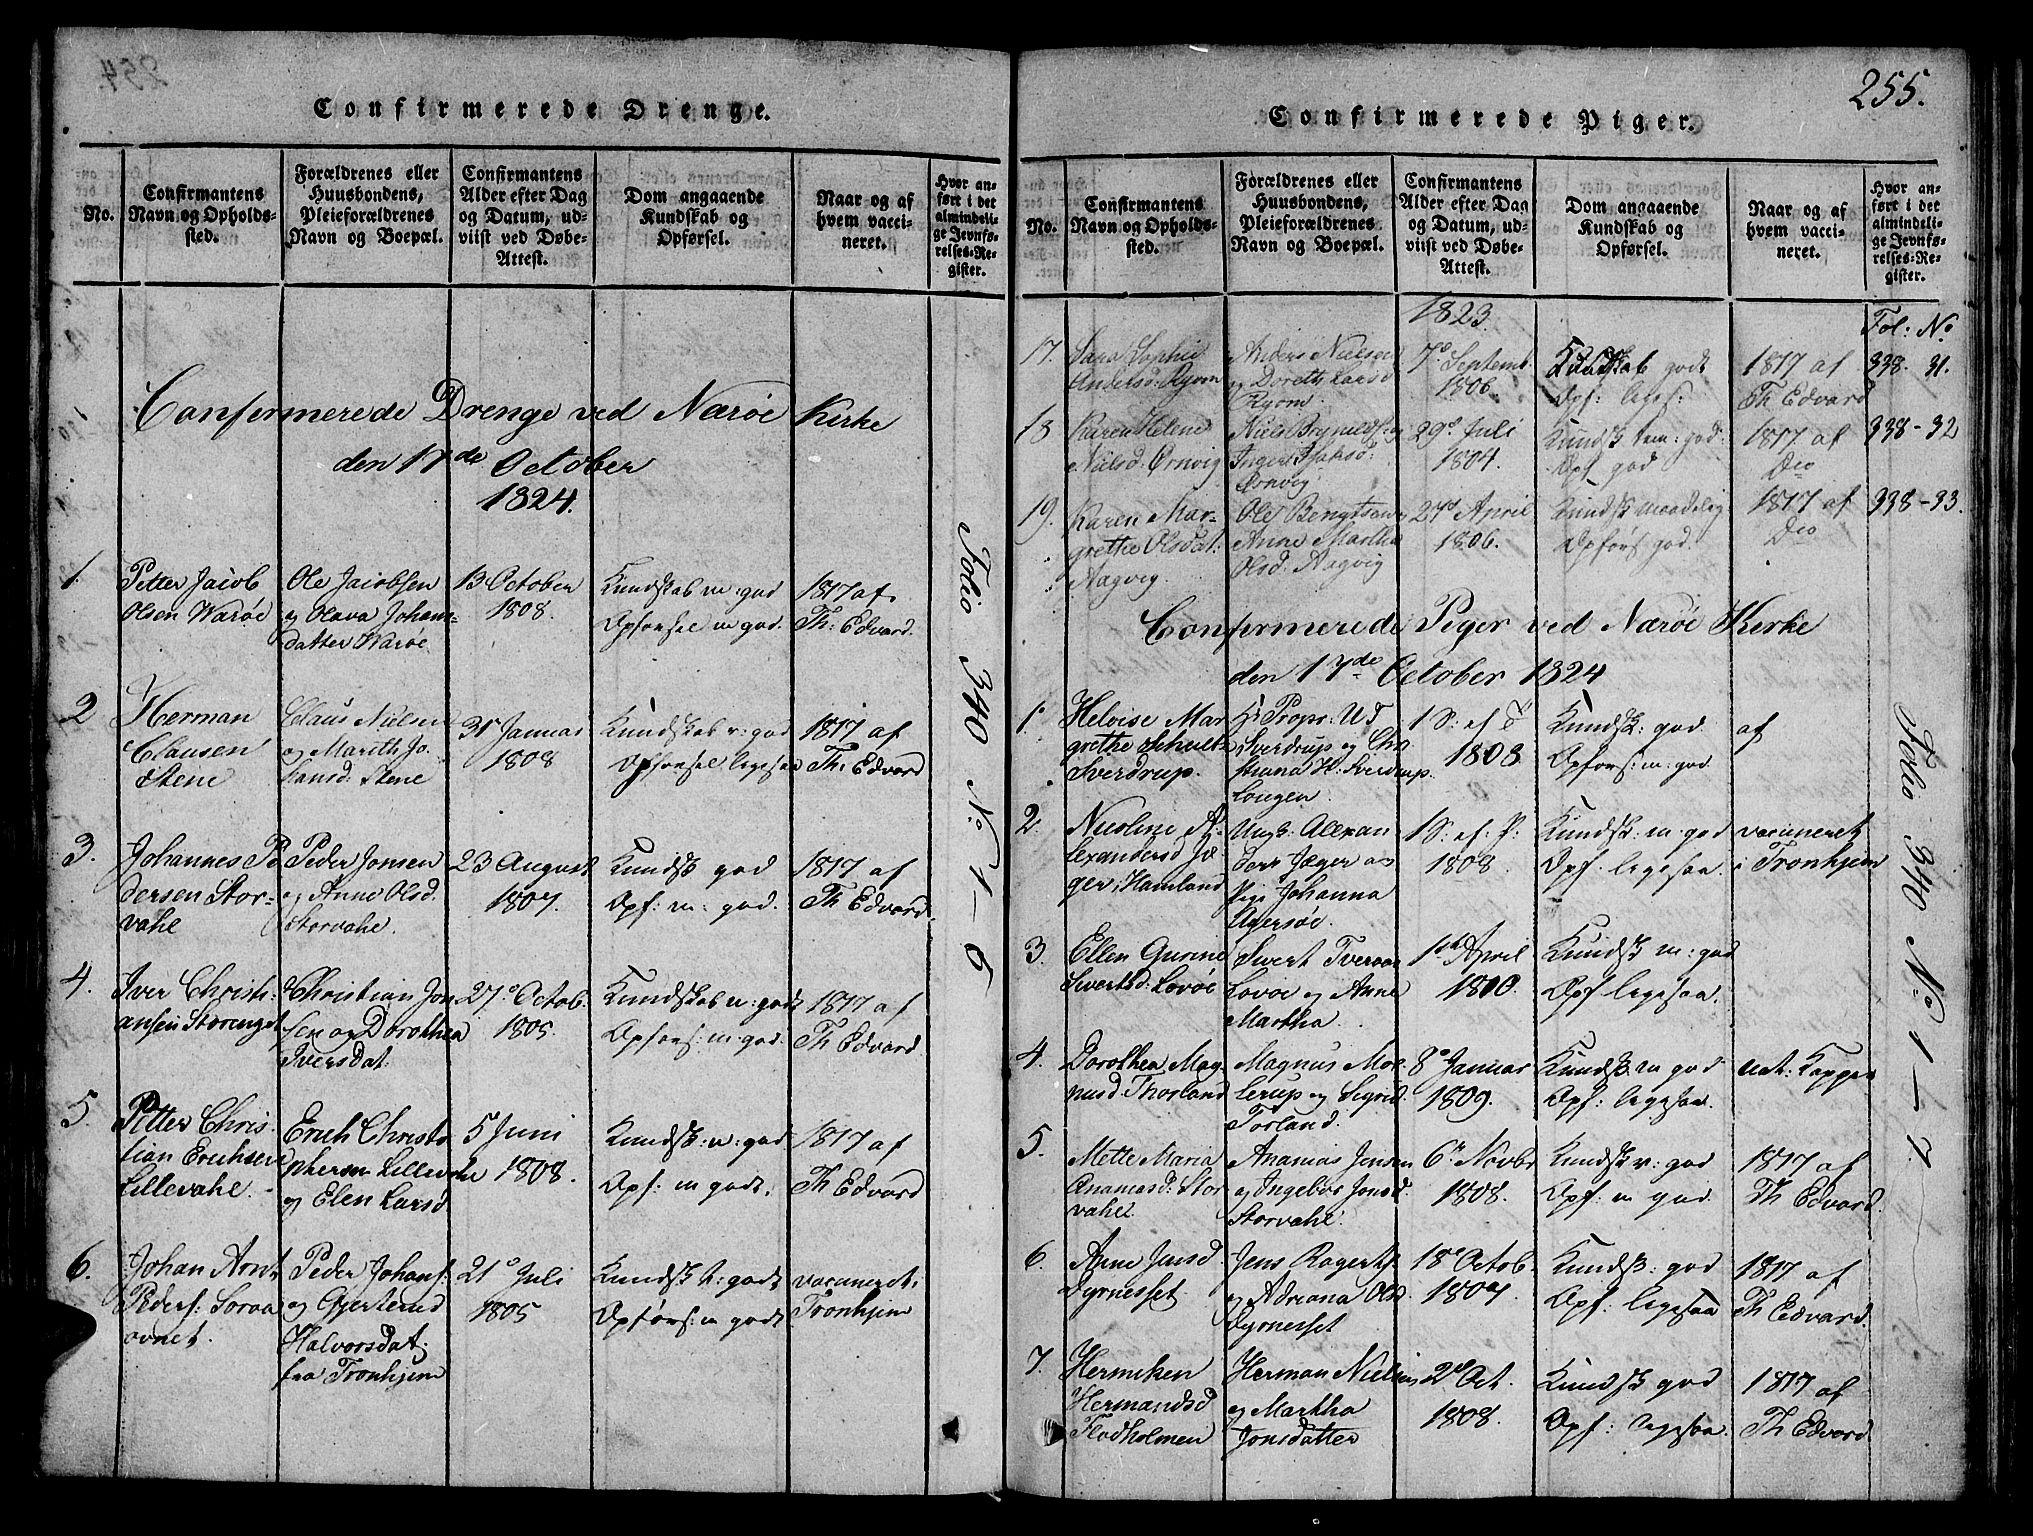 SAT, Ministerialprotokoller, klokkerbøker og fødselsregistre - Nord-Trøndelag, 784/L0667: Ministerialbok nr. 784A03 /1, 1816-1829, s. 255